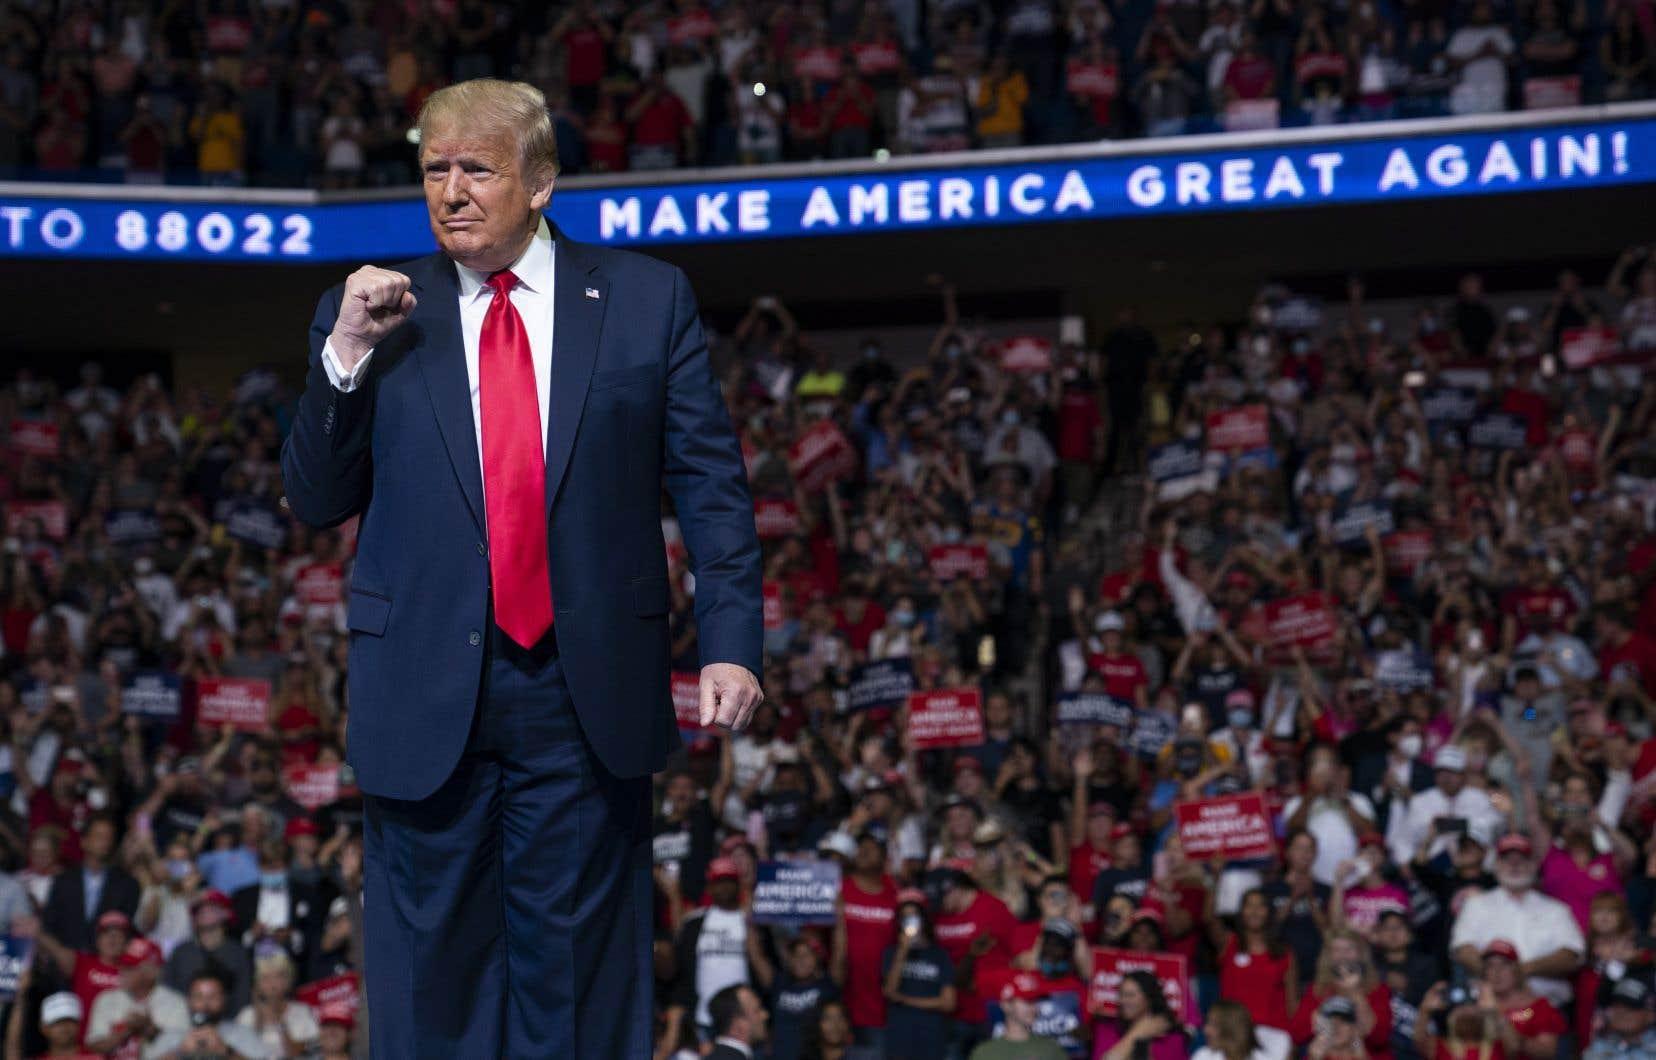 La foule beaucoup moins importante qu'annoncée au rassemblement de Tulsa a particulièrement frustré Donald Trump.